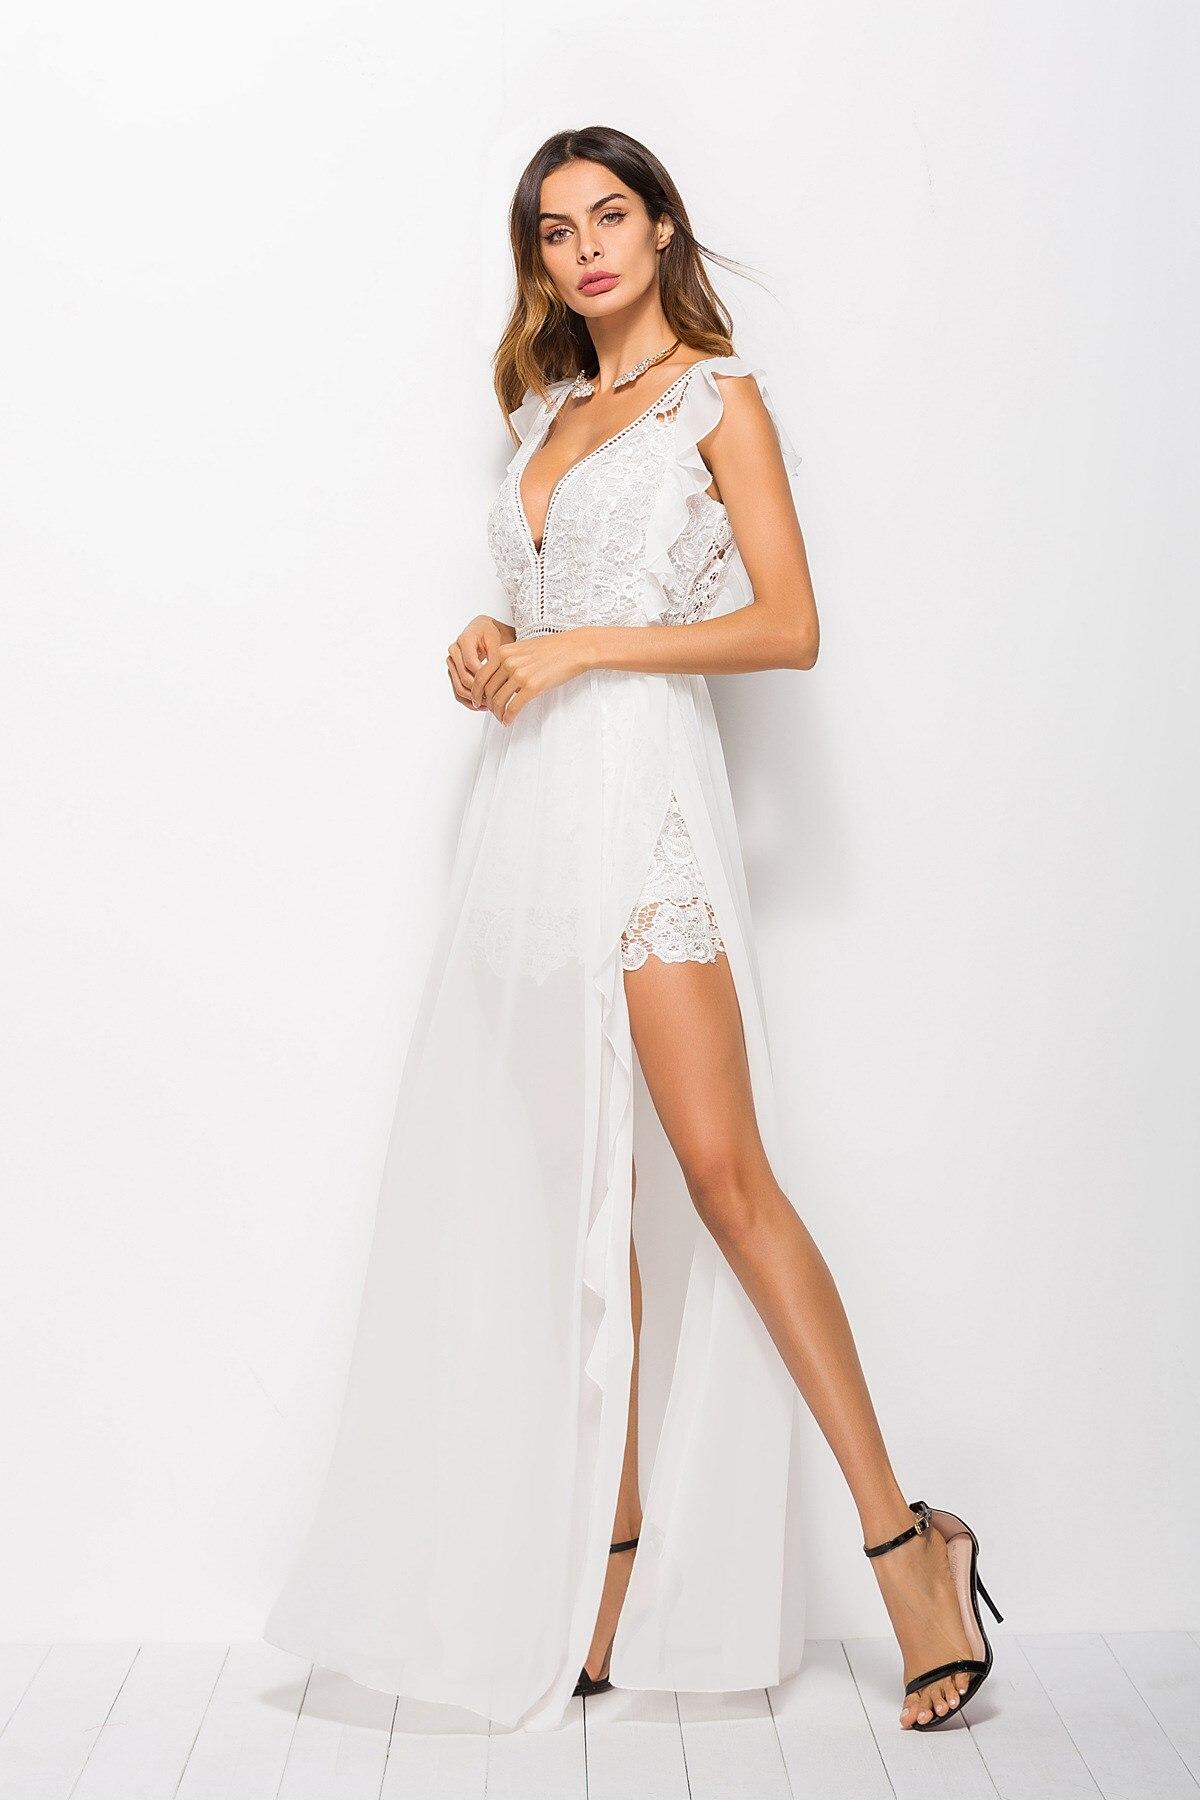 a705caebe98 Blanc V Longue Blanche 2018 En Maxi De Soie Split Robe Robes À Sans  Encolure Out Dentelle Haut Femmes Volants Femme Mousseline Sexy ...